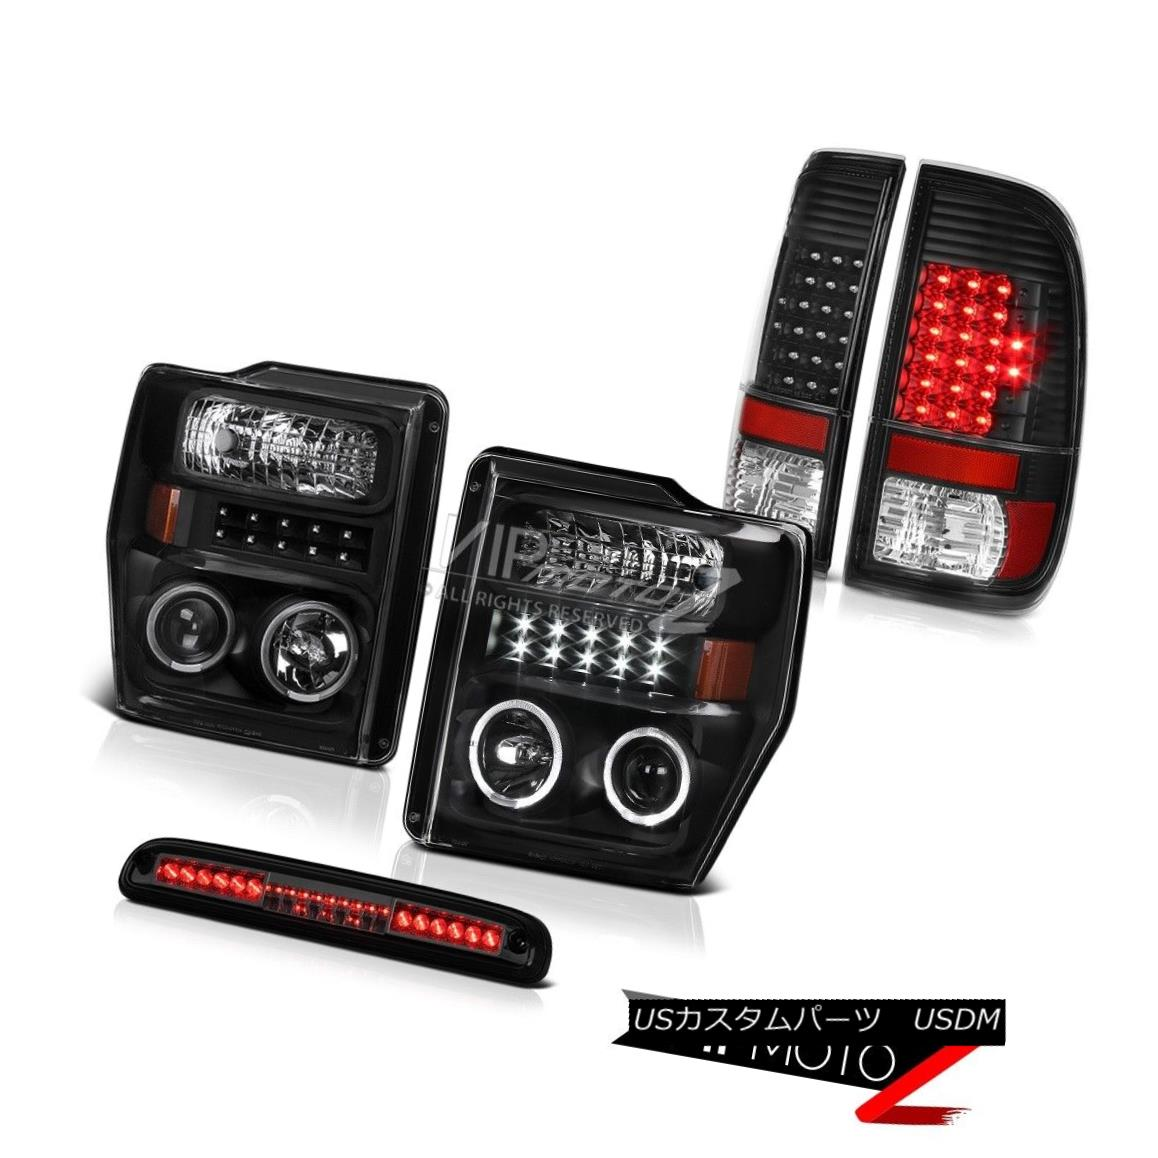 テールライト 2008-2010 F350 Harley Davidson Dual Halo Headlights Black LED Tail Lights High 2008-2010 F350ハーレーダビッドソンデュアルヘイローヘッドライトブラックLEDテールライトハイ